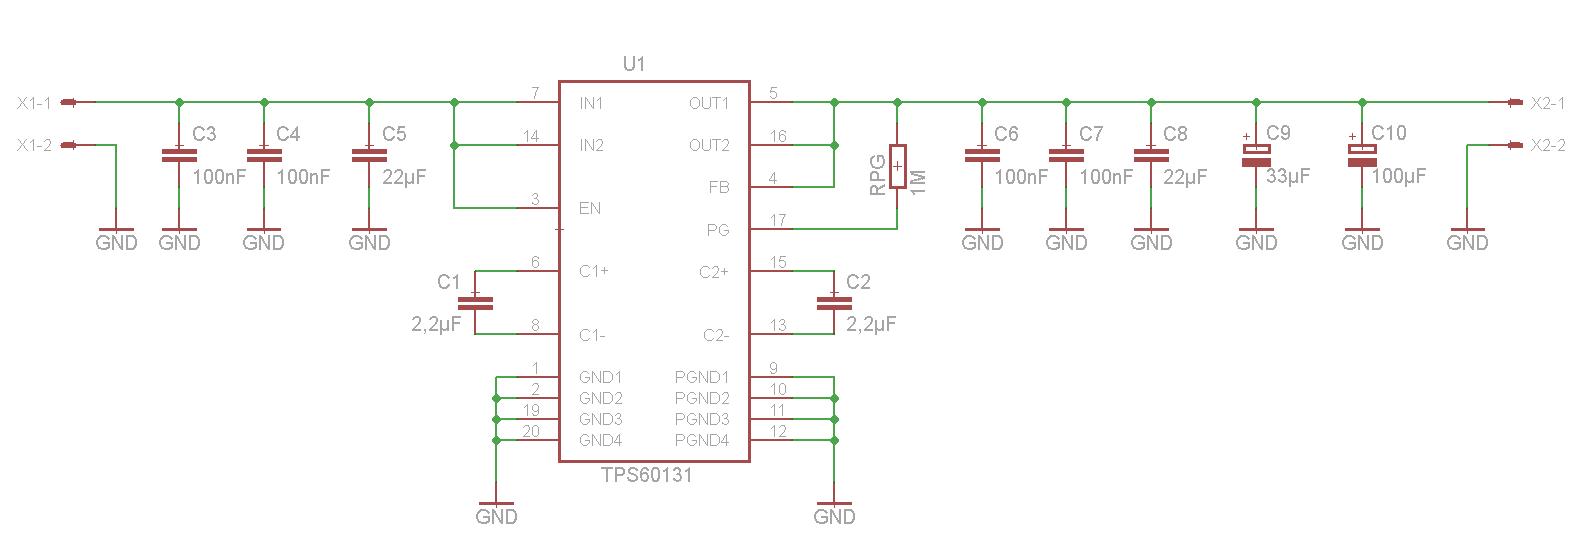 Ungewöhnlich Edelstein Autobatterie Schaltplan Bilder - Elektrische ...